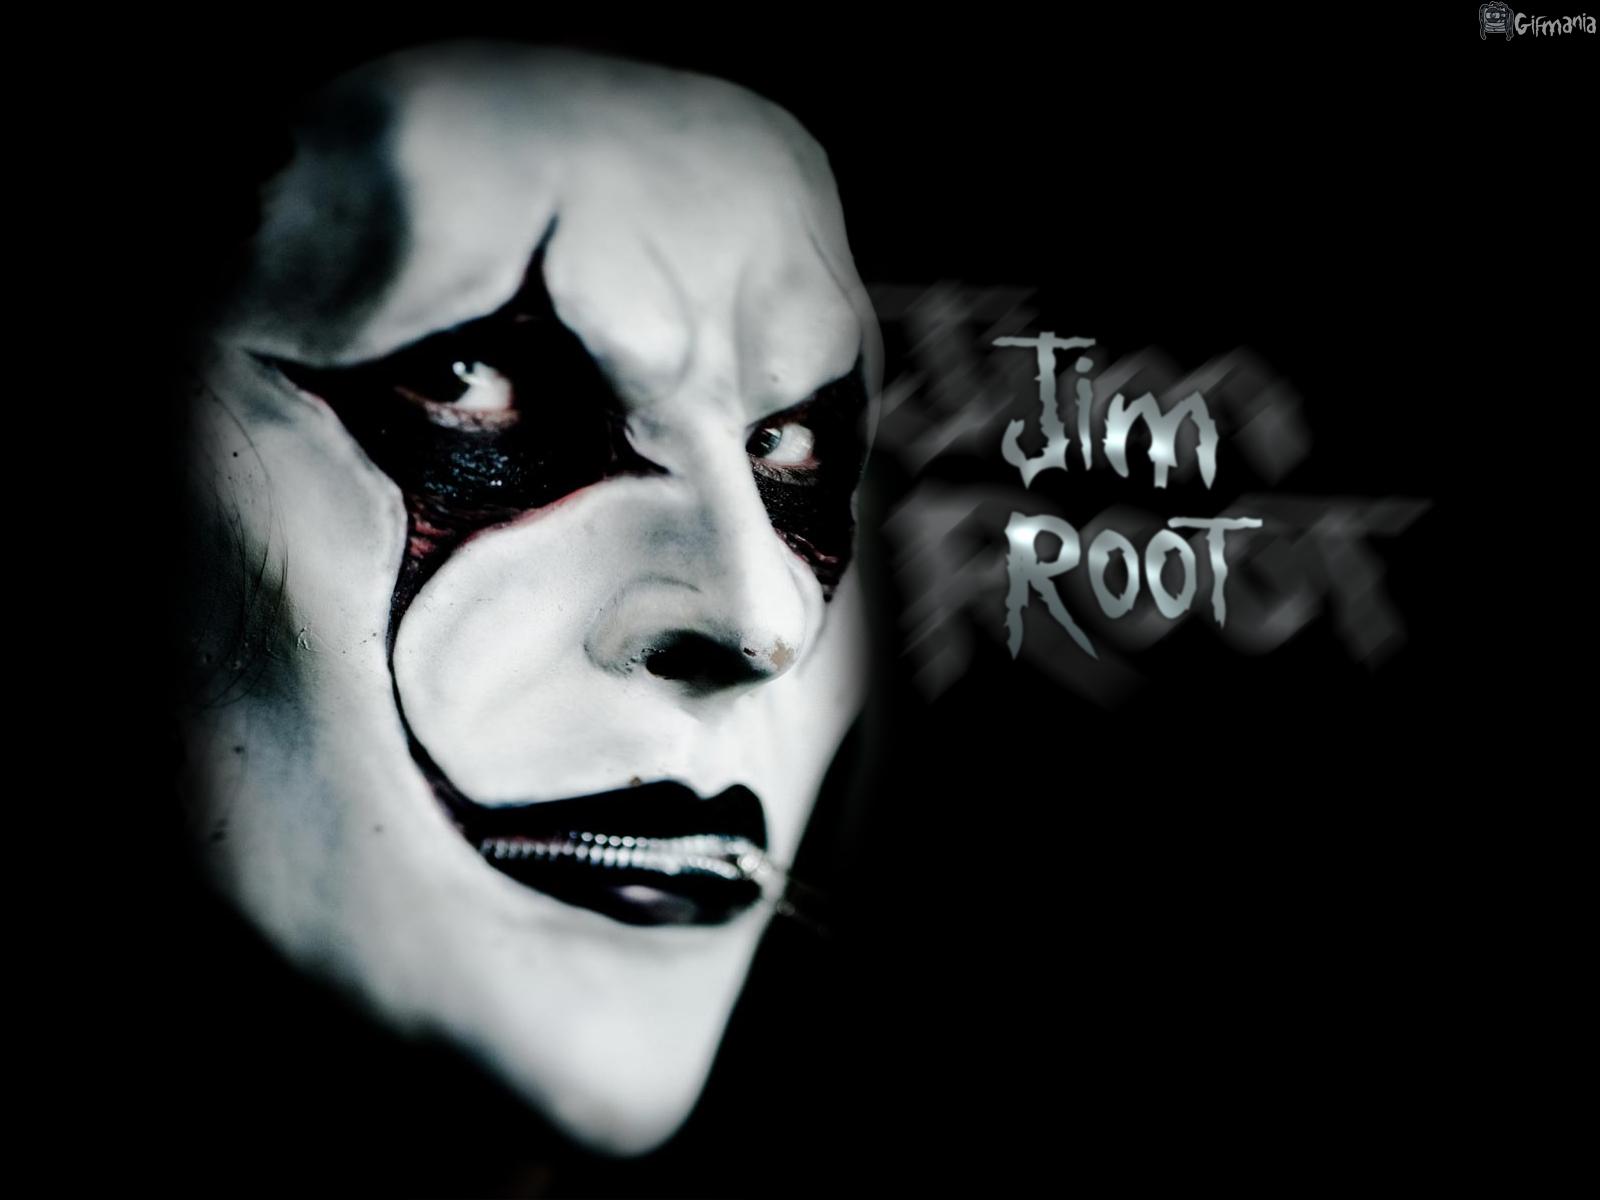 活结乐队(slipknot)吉他手 jim root 给吉他手的5点箴言